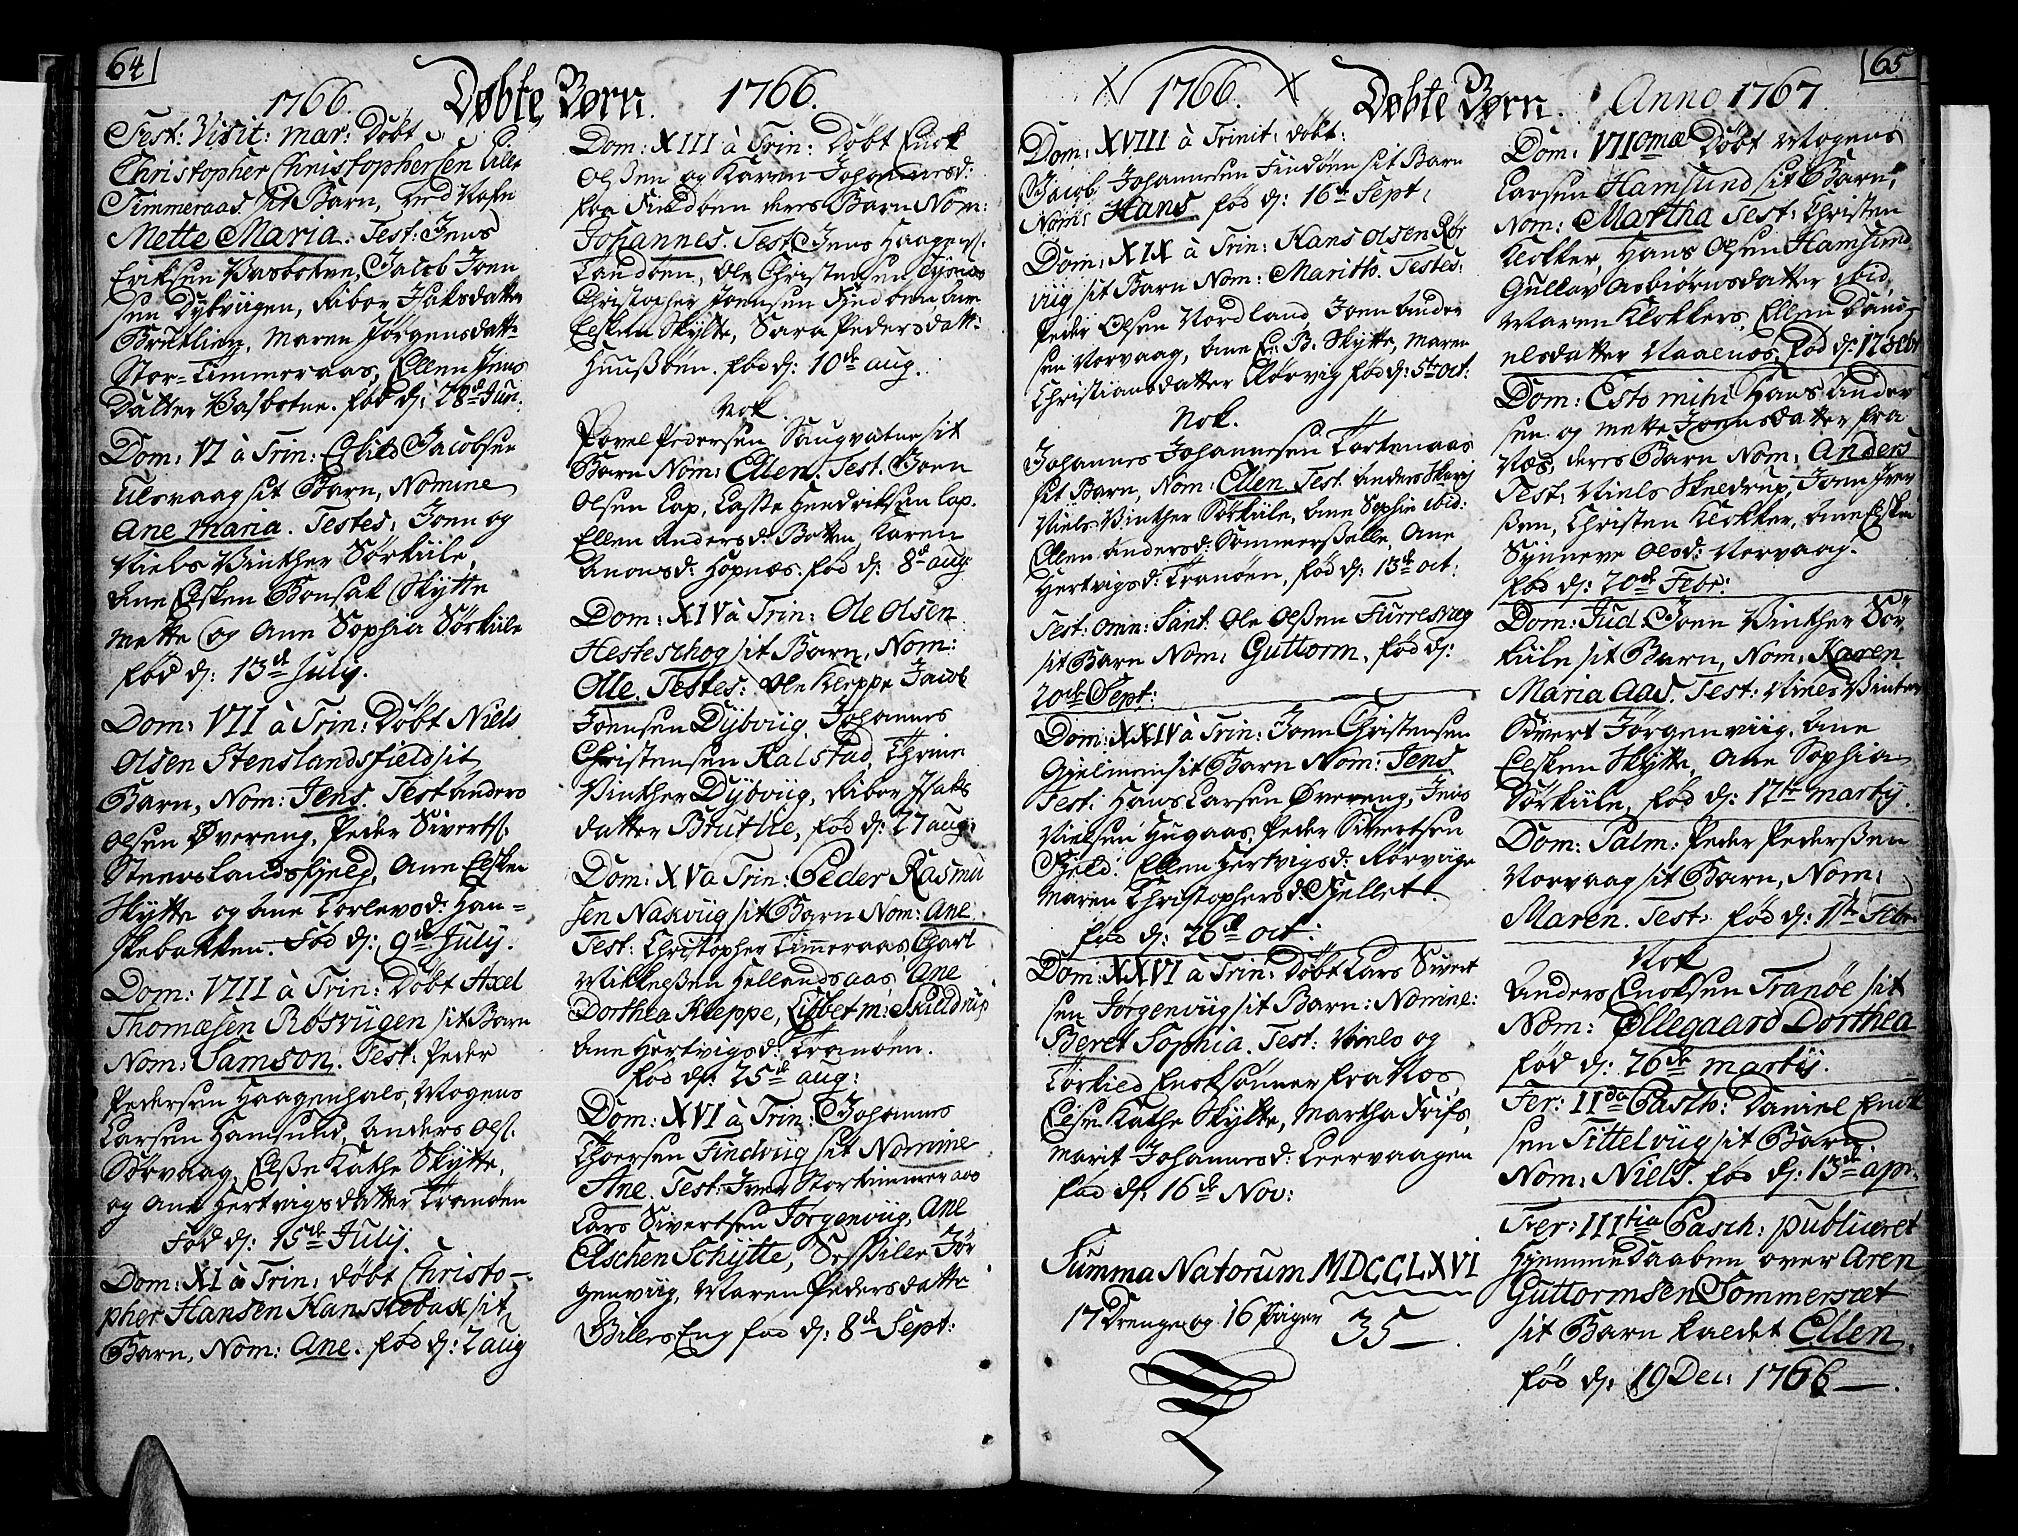 SAT, Ministerialprotokoller, klokkerbøker og fødselsregistre - Nordland, 859/L0841: Parish register (official) no. 859A01, 1766-1821, p. 64-65